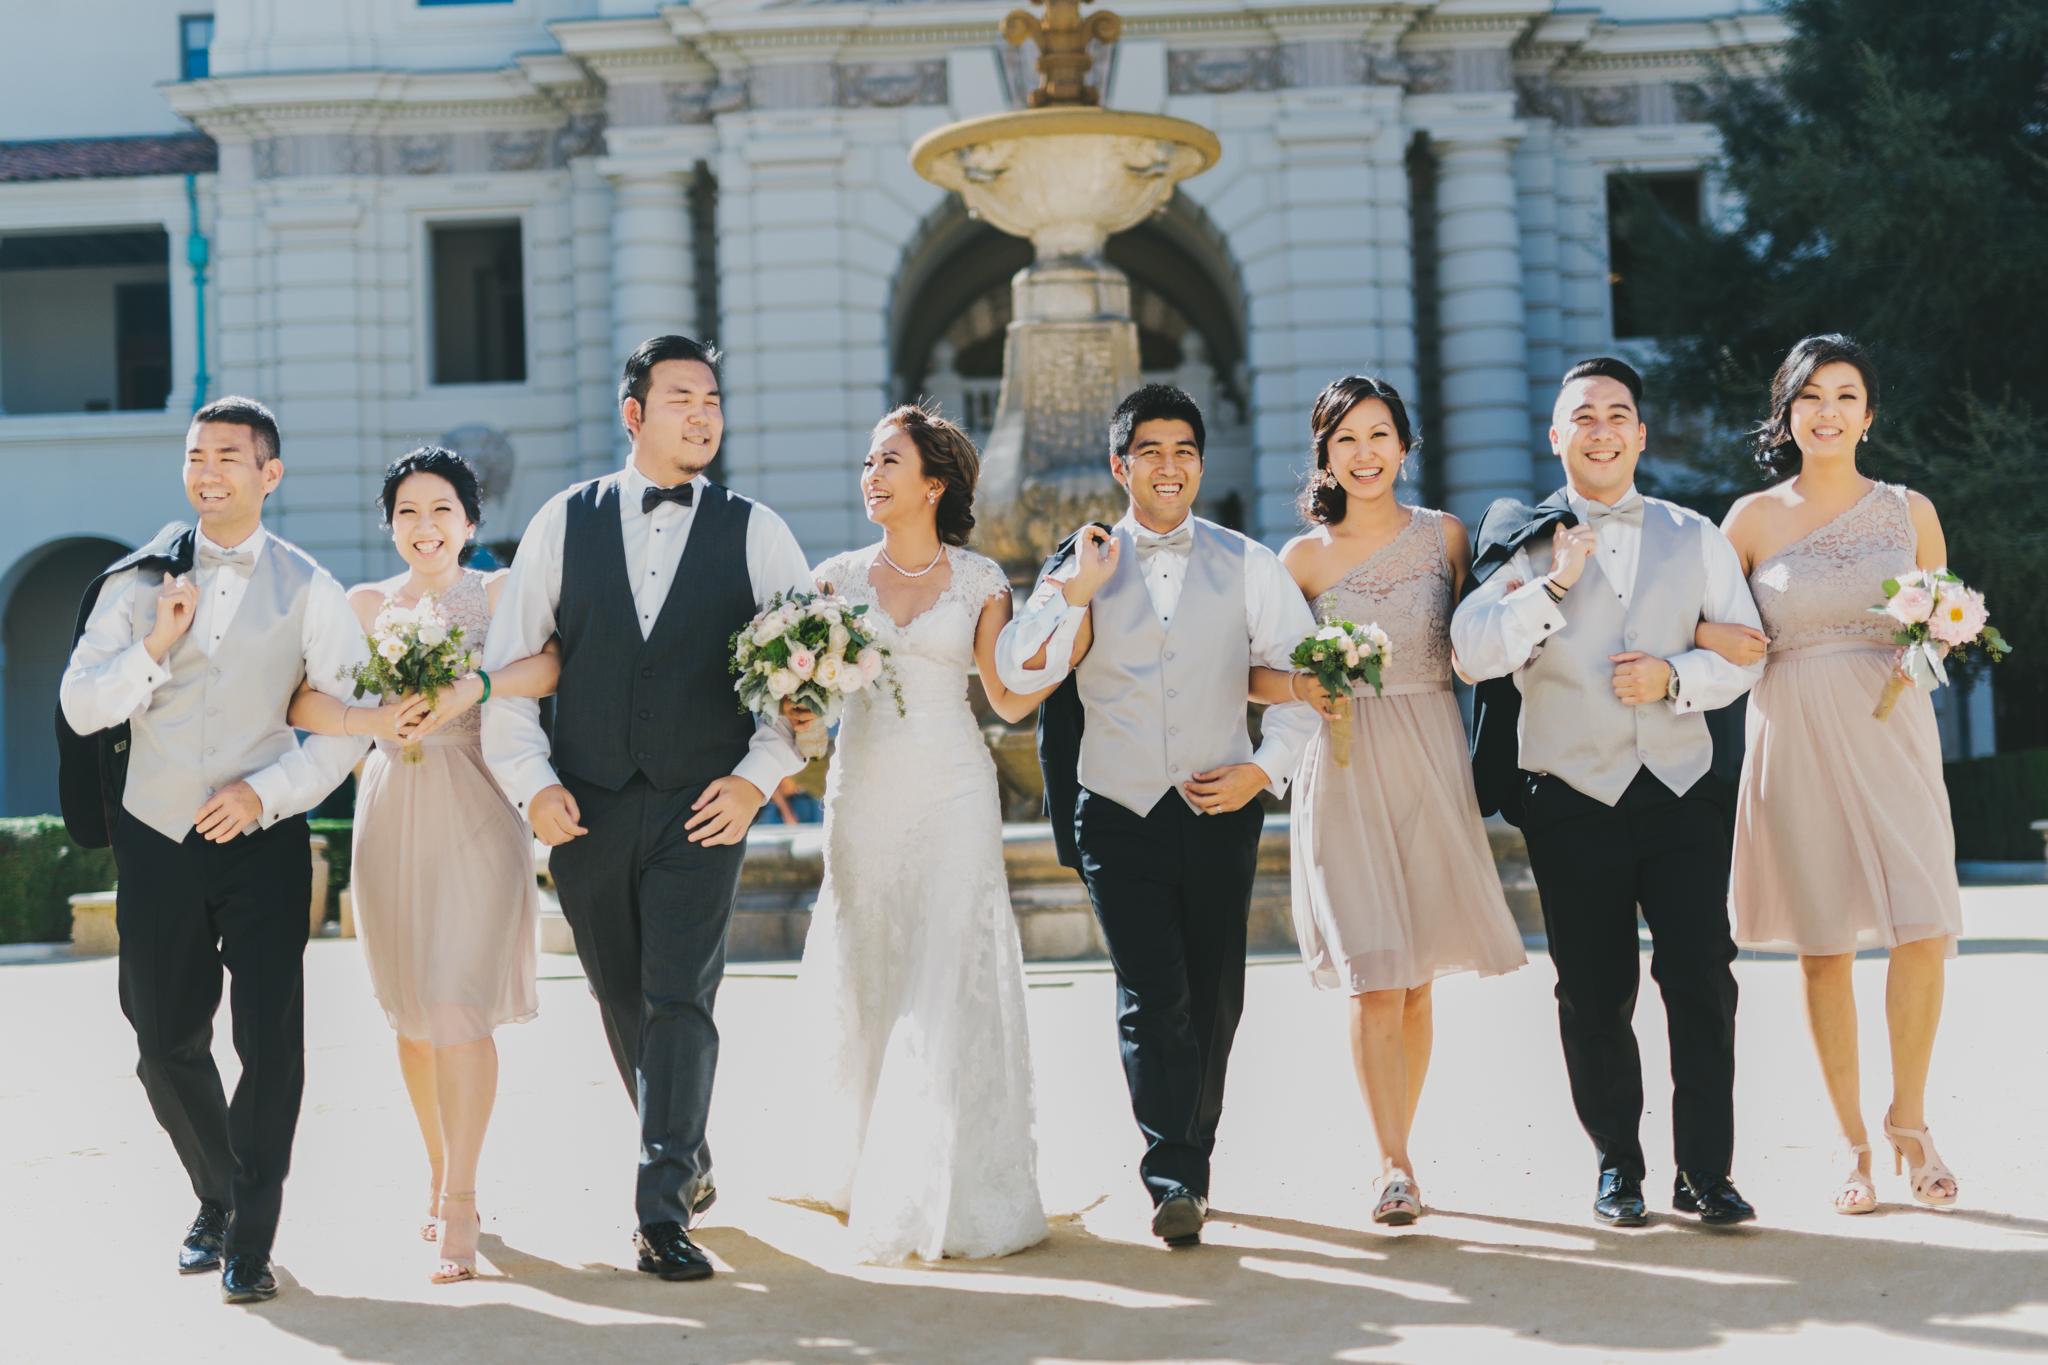 rl-Wedding-Portraits-Som+Yusuke-36.jpg